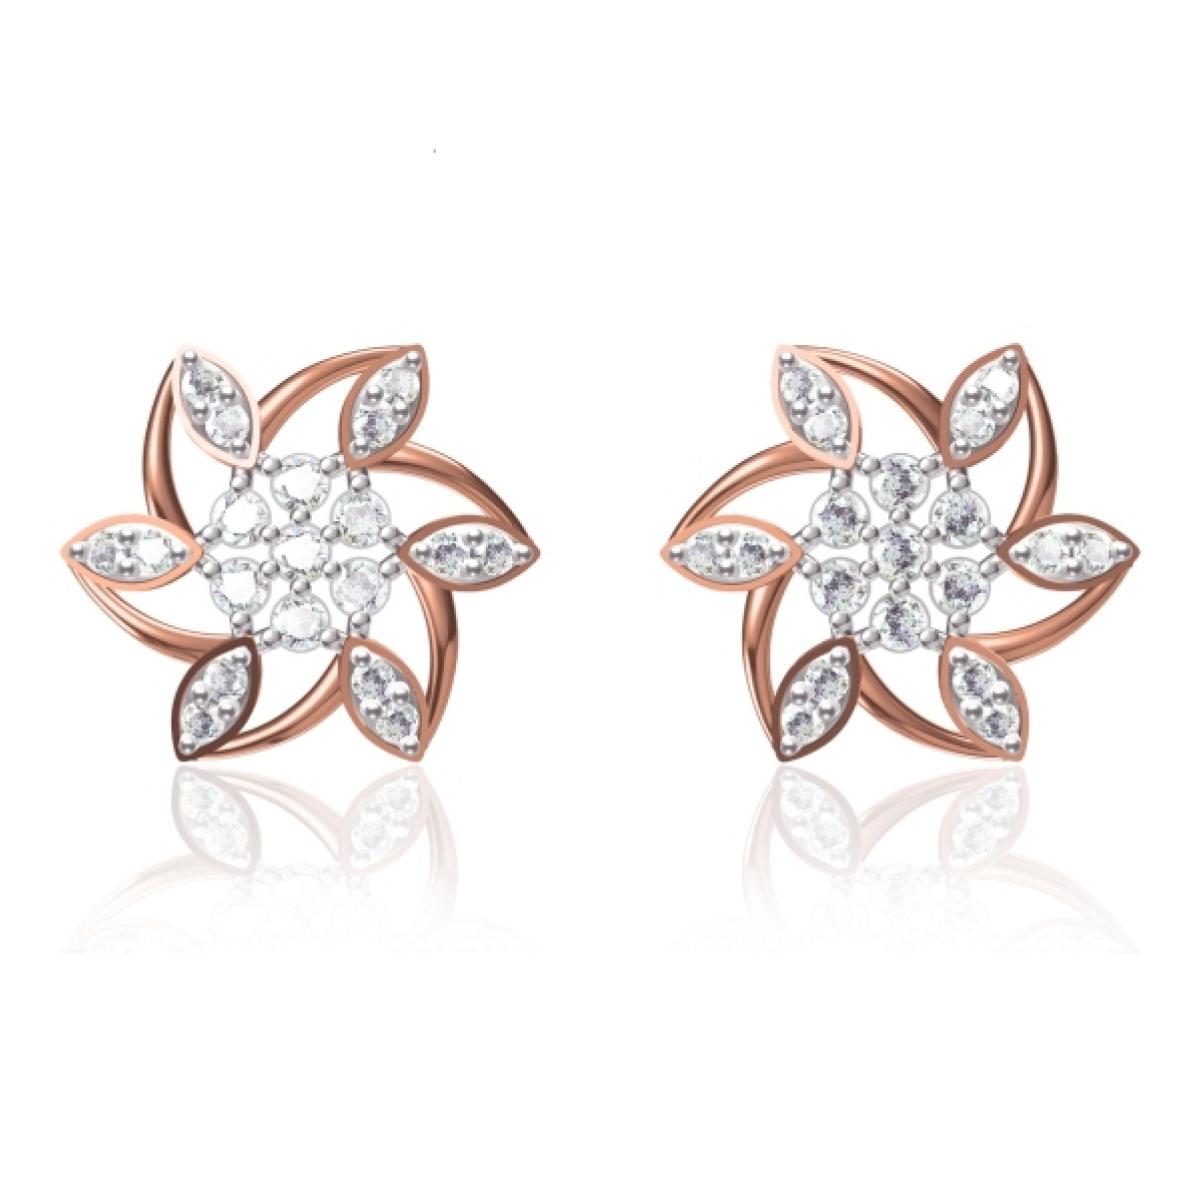 5 Star Gold Earrings